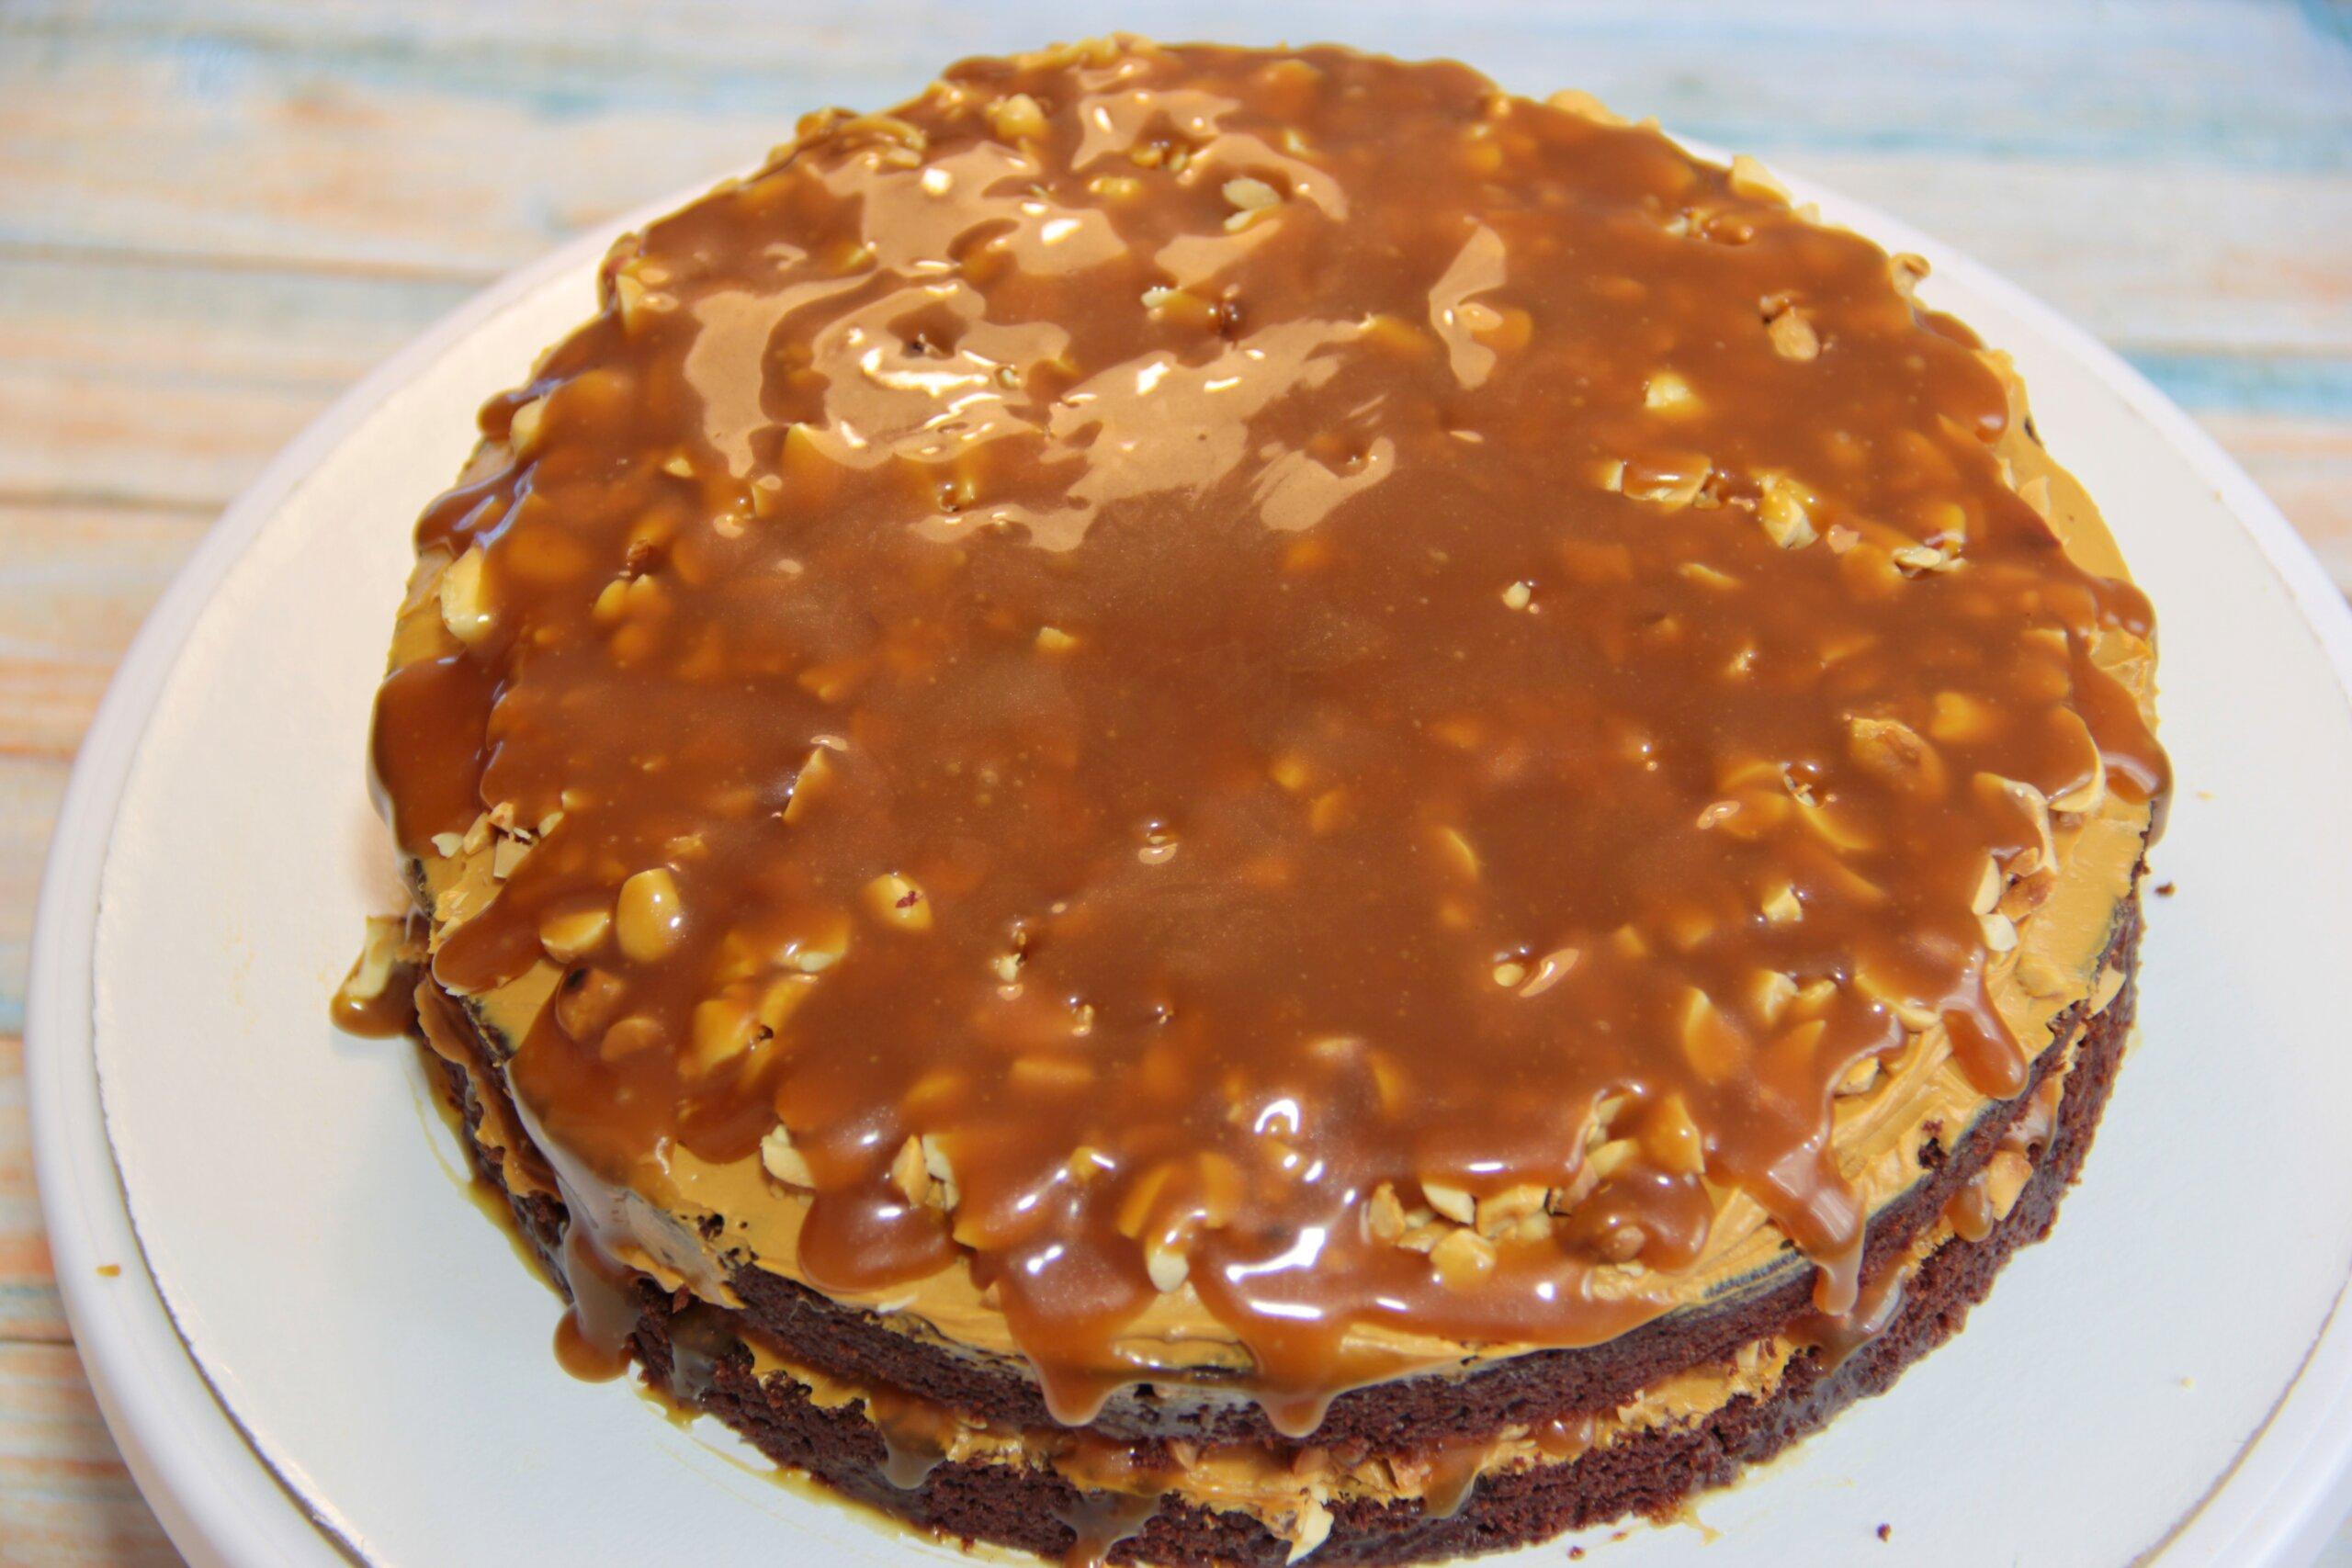 карамель в торте